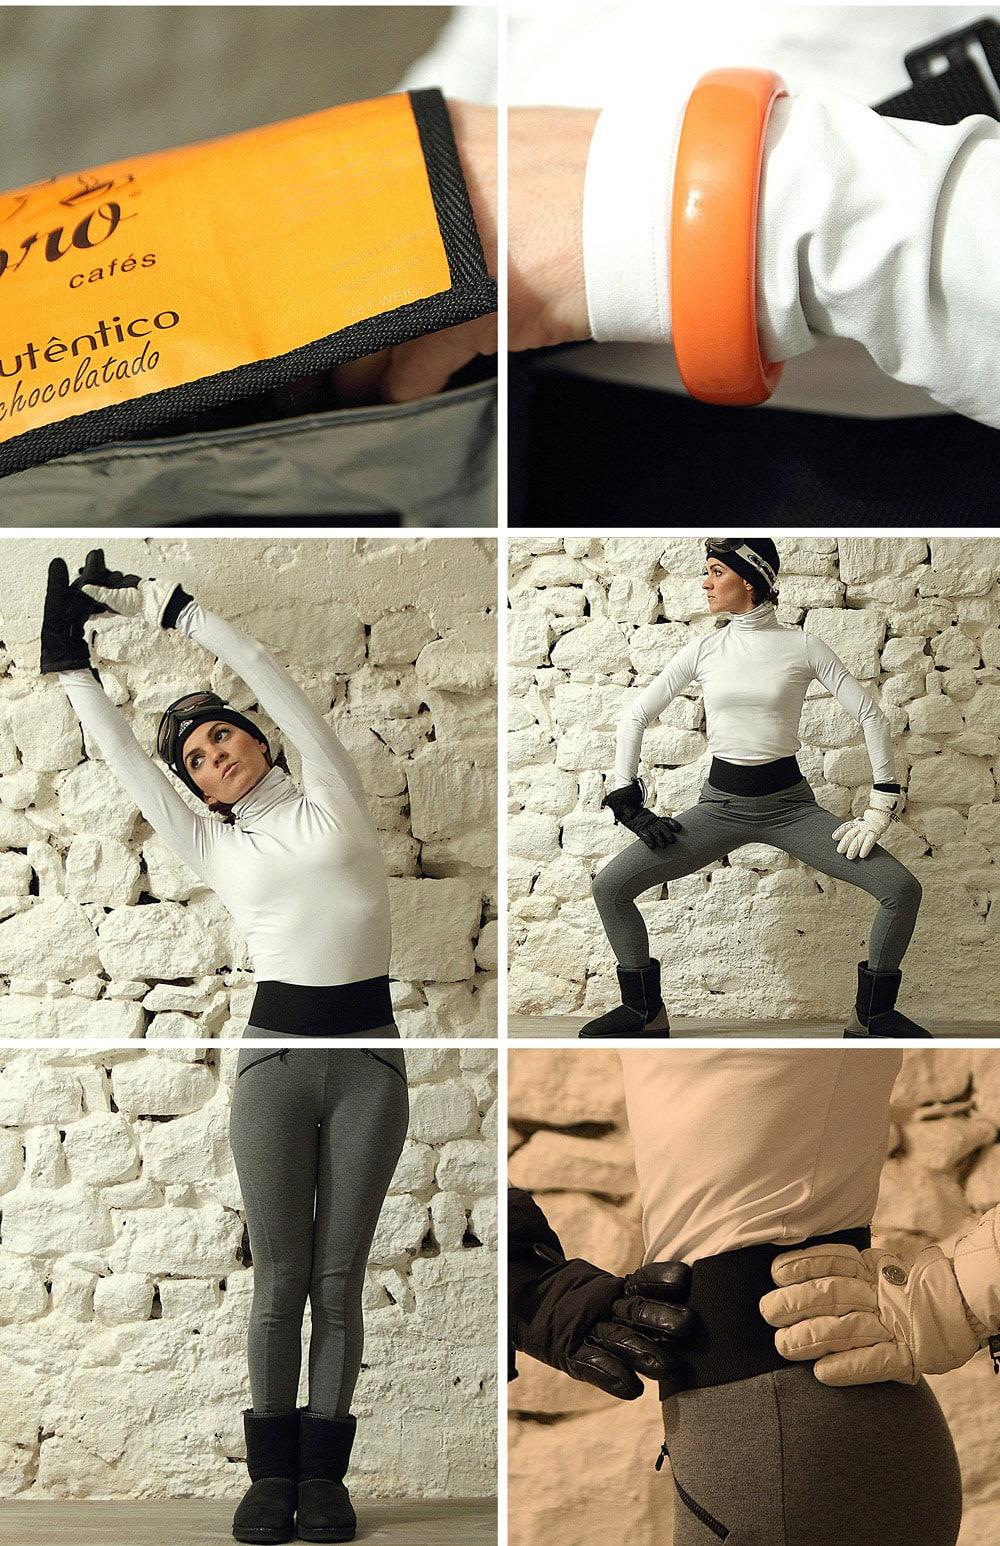 skieuse meilleur blog mode lifestyle cash pistache